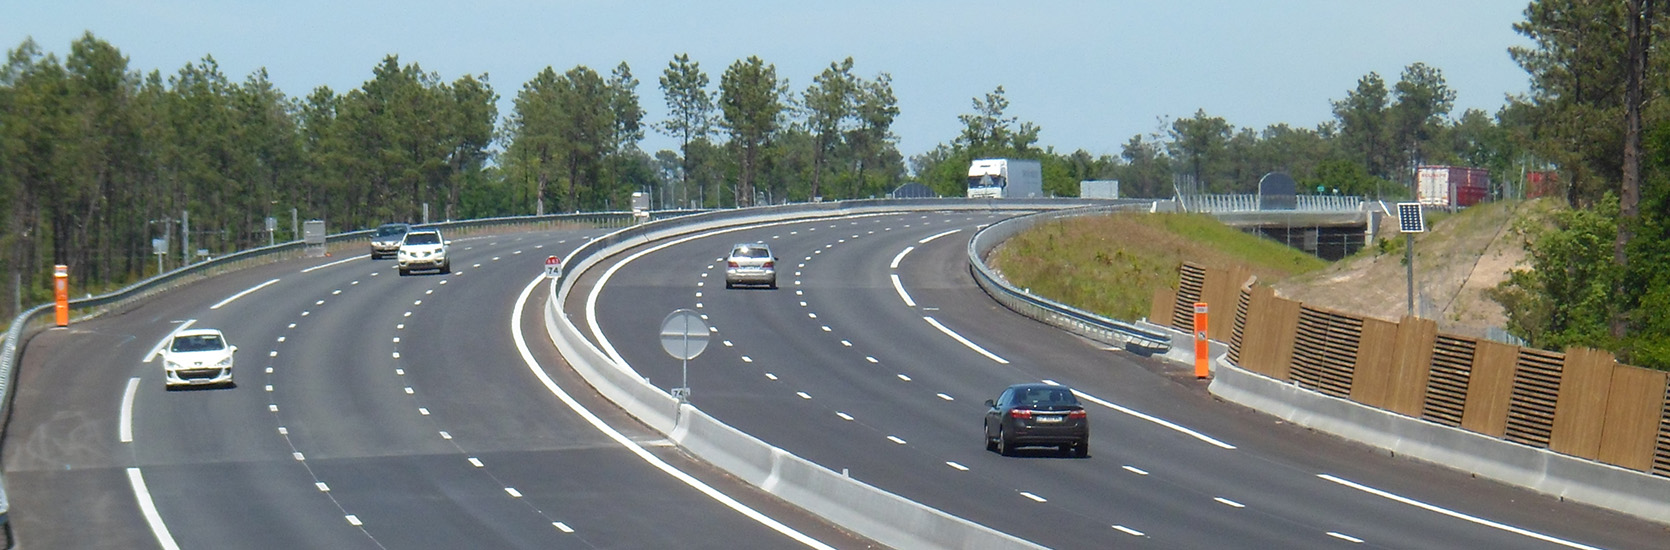 autoroute-2